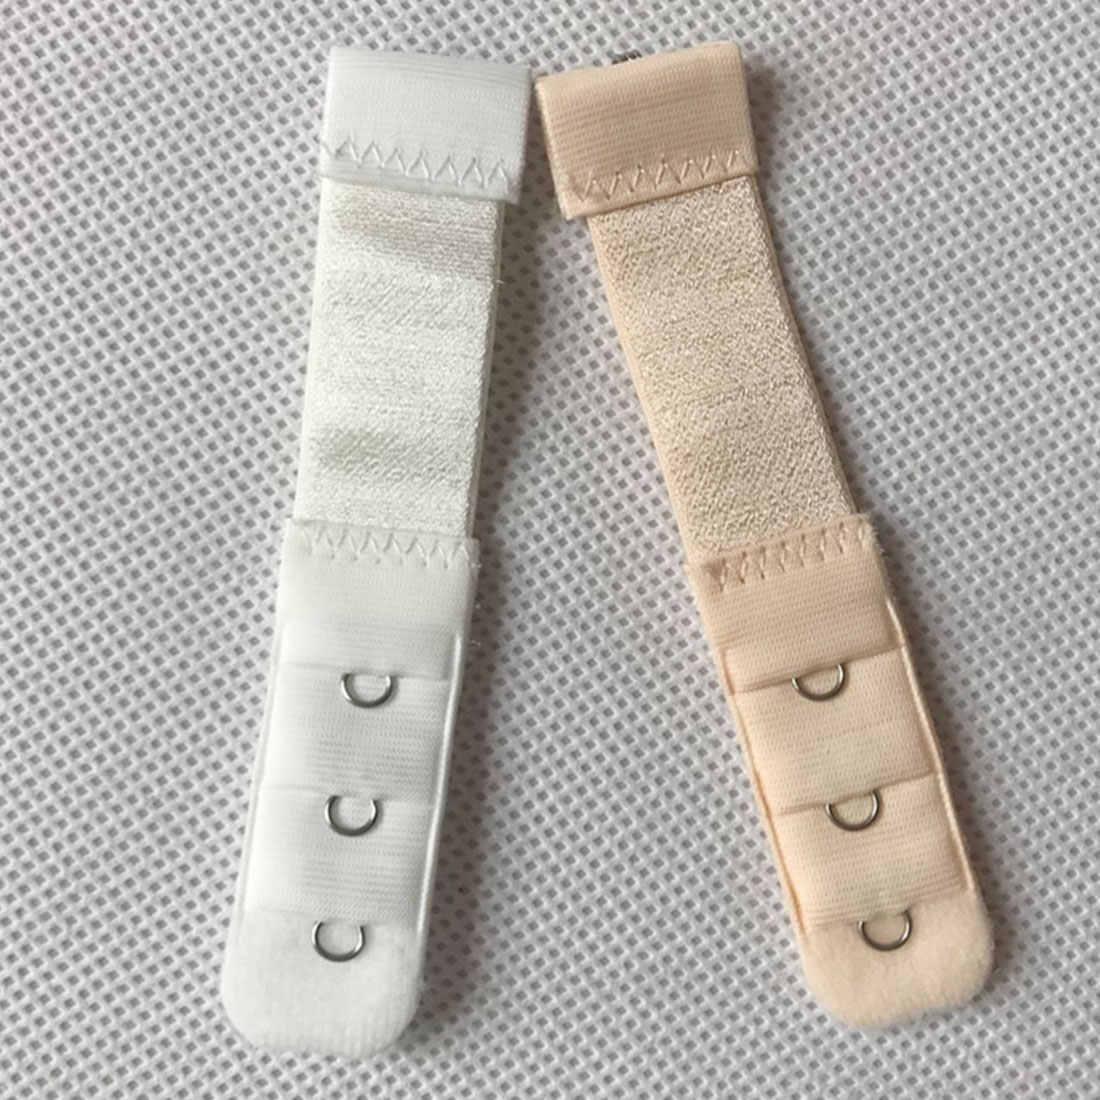 Новинка, 1 шт., 1 ряд, 3 крючка, удлинитель для бюстгальтера, нейлоновая застежка, эластичные бюстгальтеры на ремешке, регулируемые интимные аксессуары